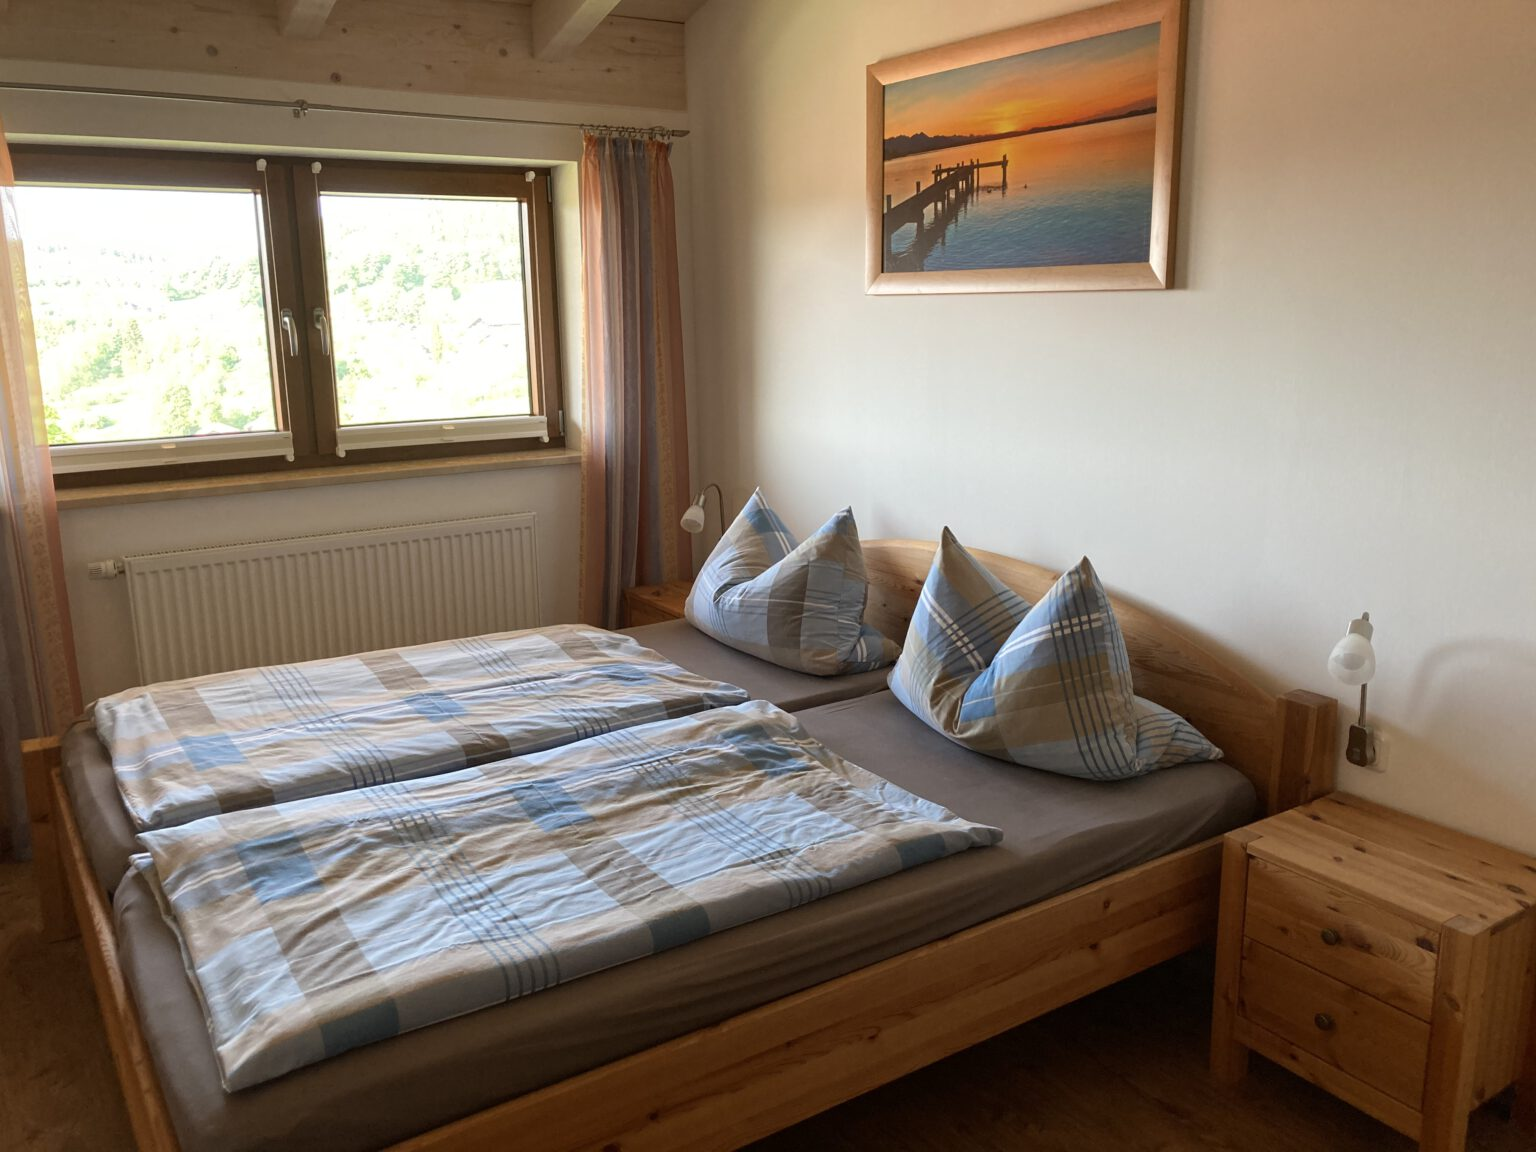 Doppelbett in Ferienwohnung 1, Ferienwohnungen Sankt Englmar